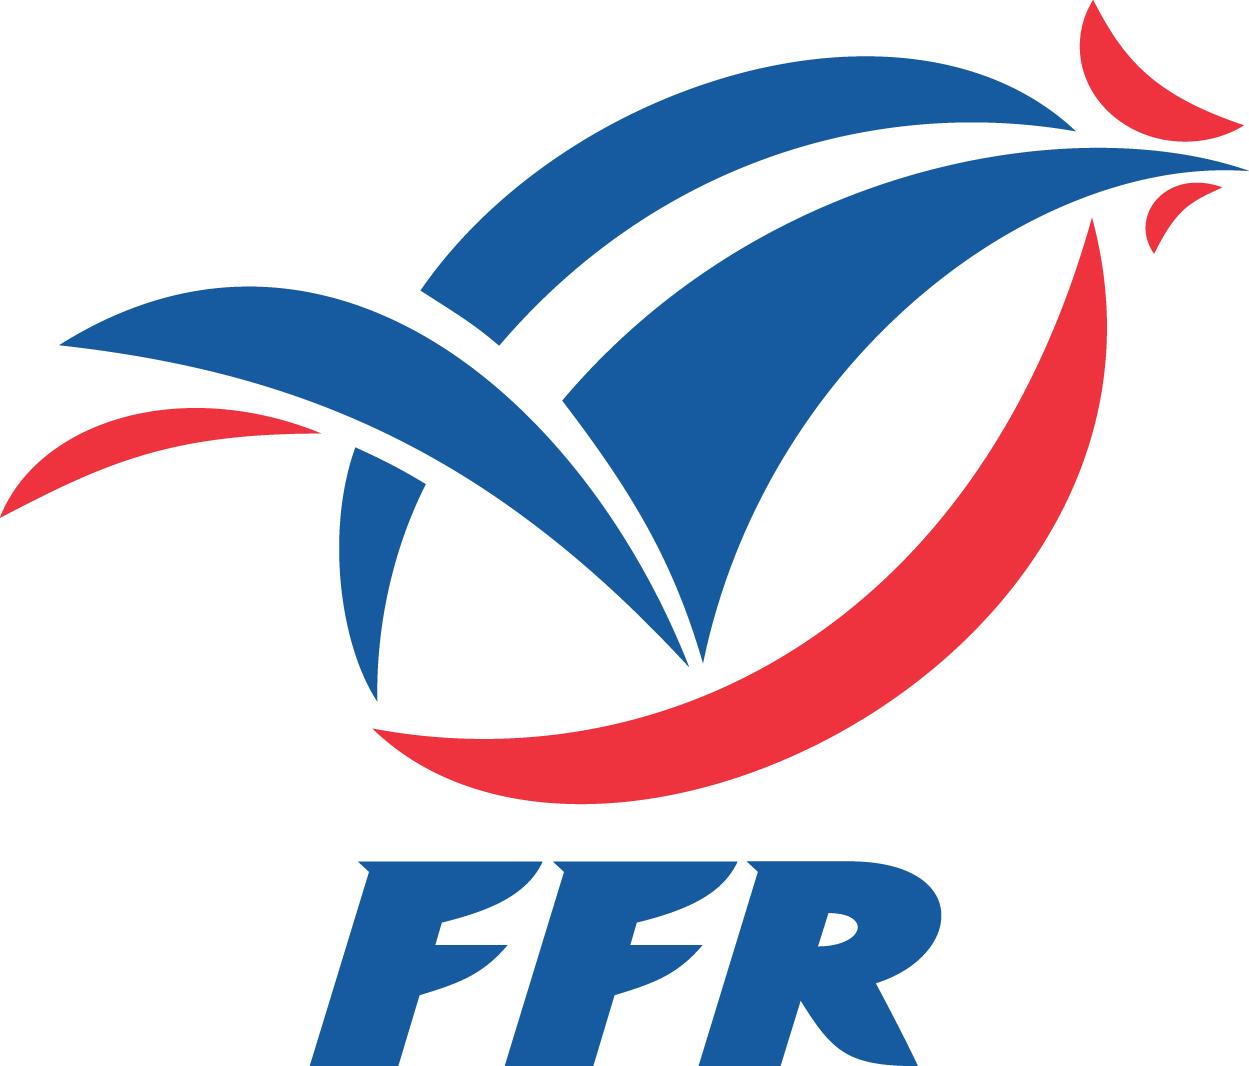 フランス「レ・ブルー」のエンブレム